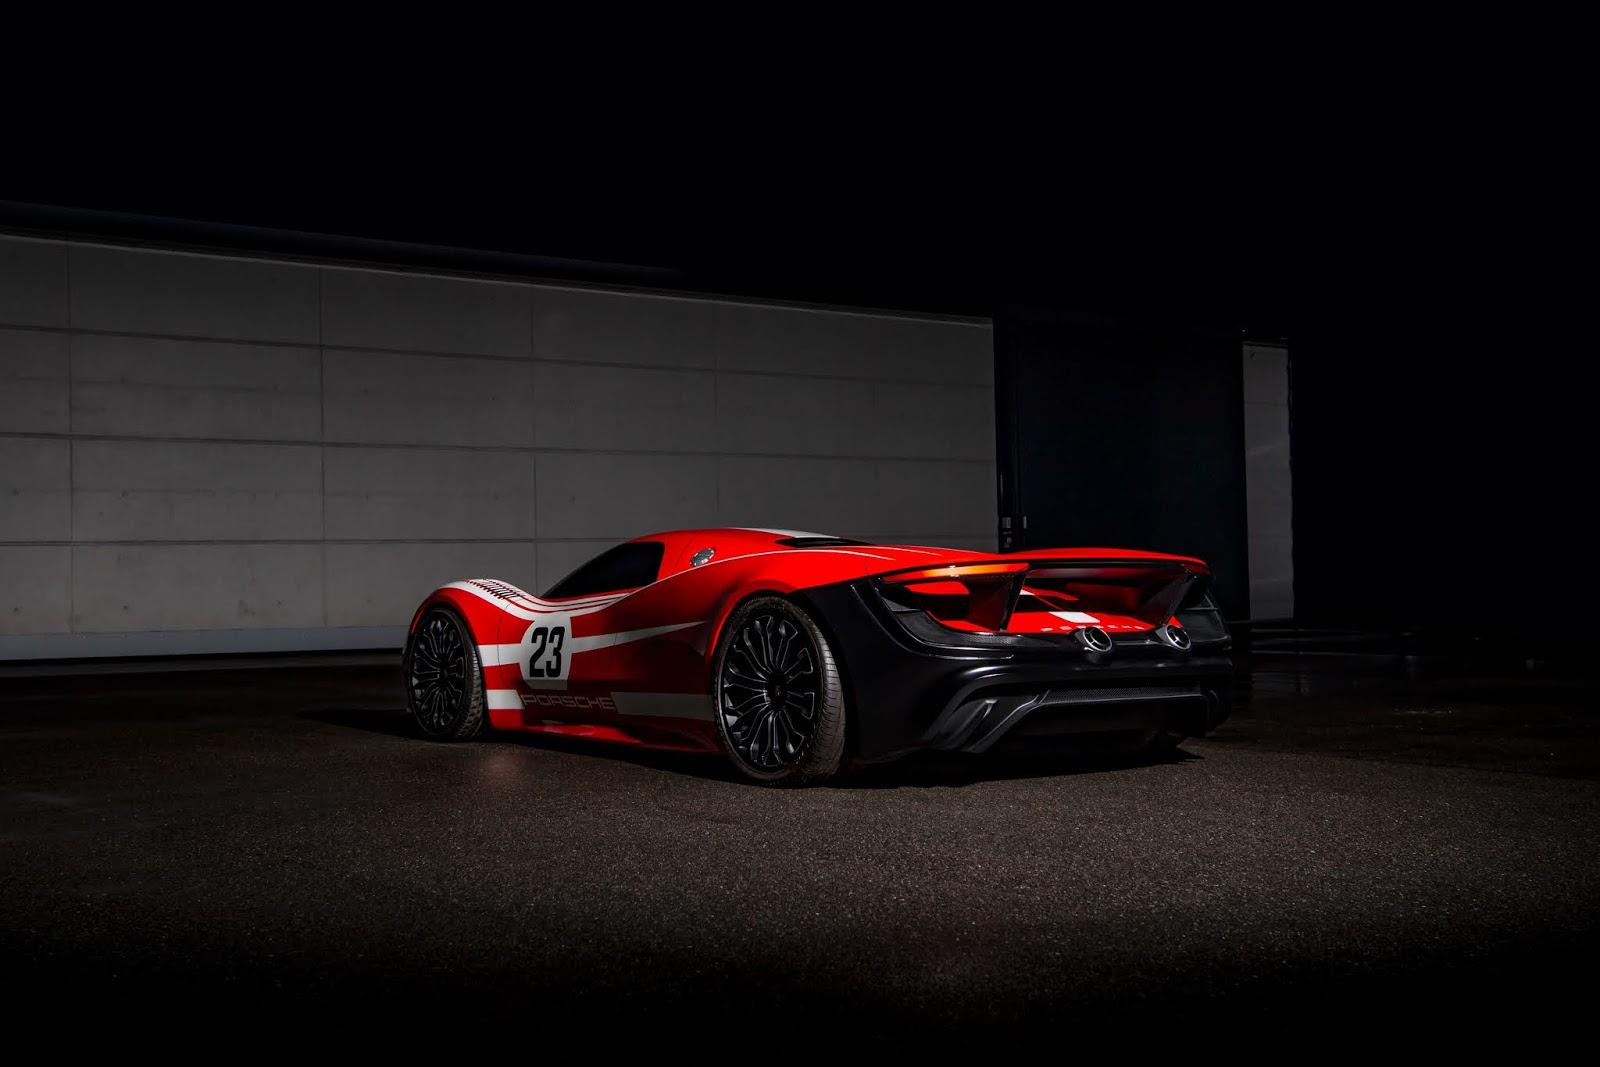 POR2258 3 Τα άγνωστα Hypercars της Porsche hypercar, Porsche, Porsche Unseen, Sunday, supercar, supercars, zblog, ειδήσεις